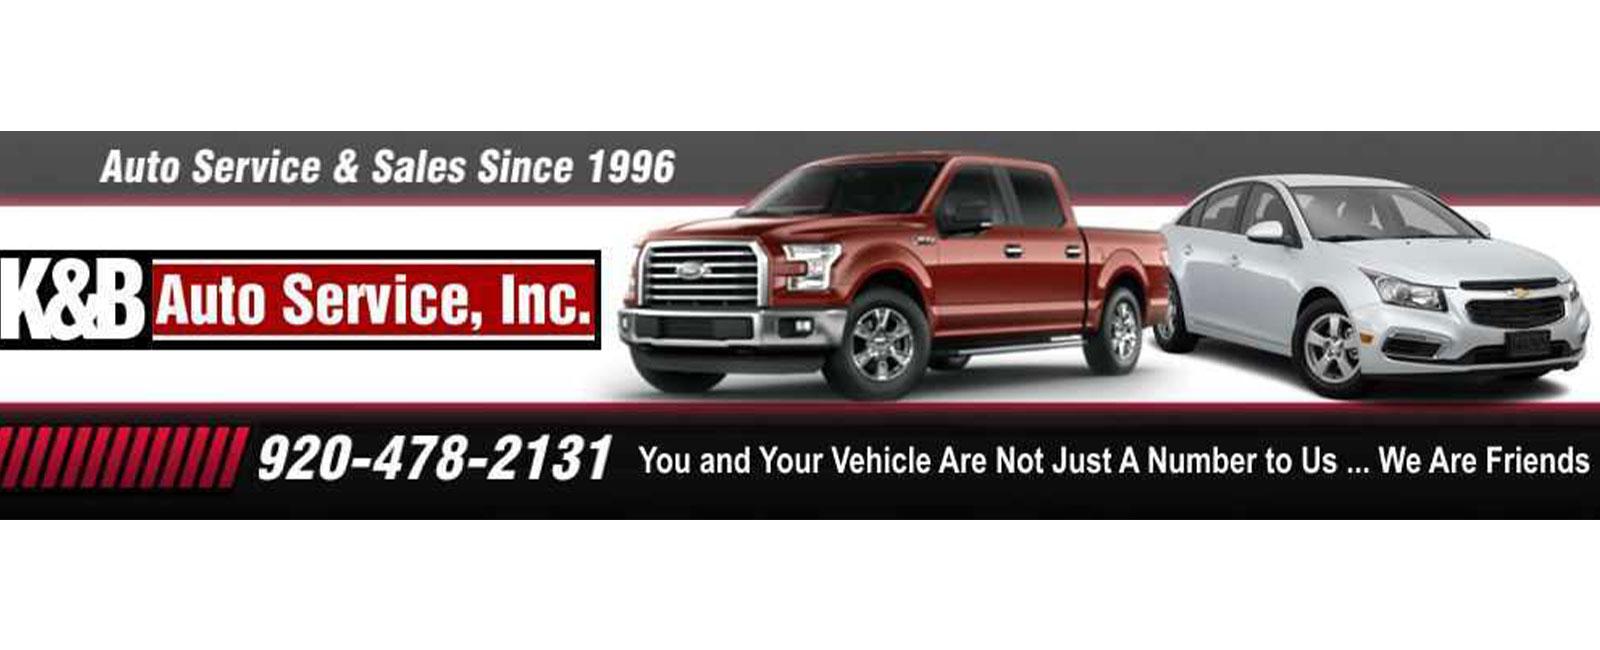 K & B Auto Services Inc